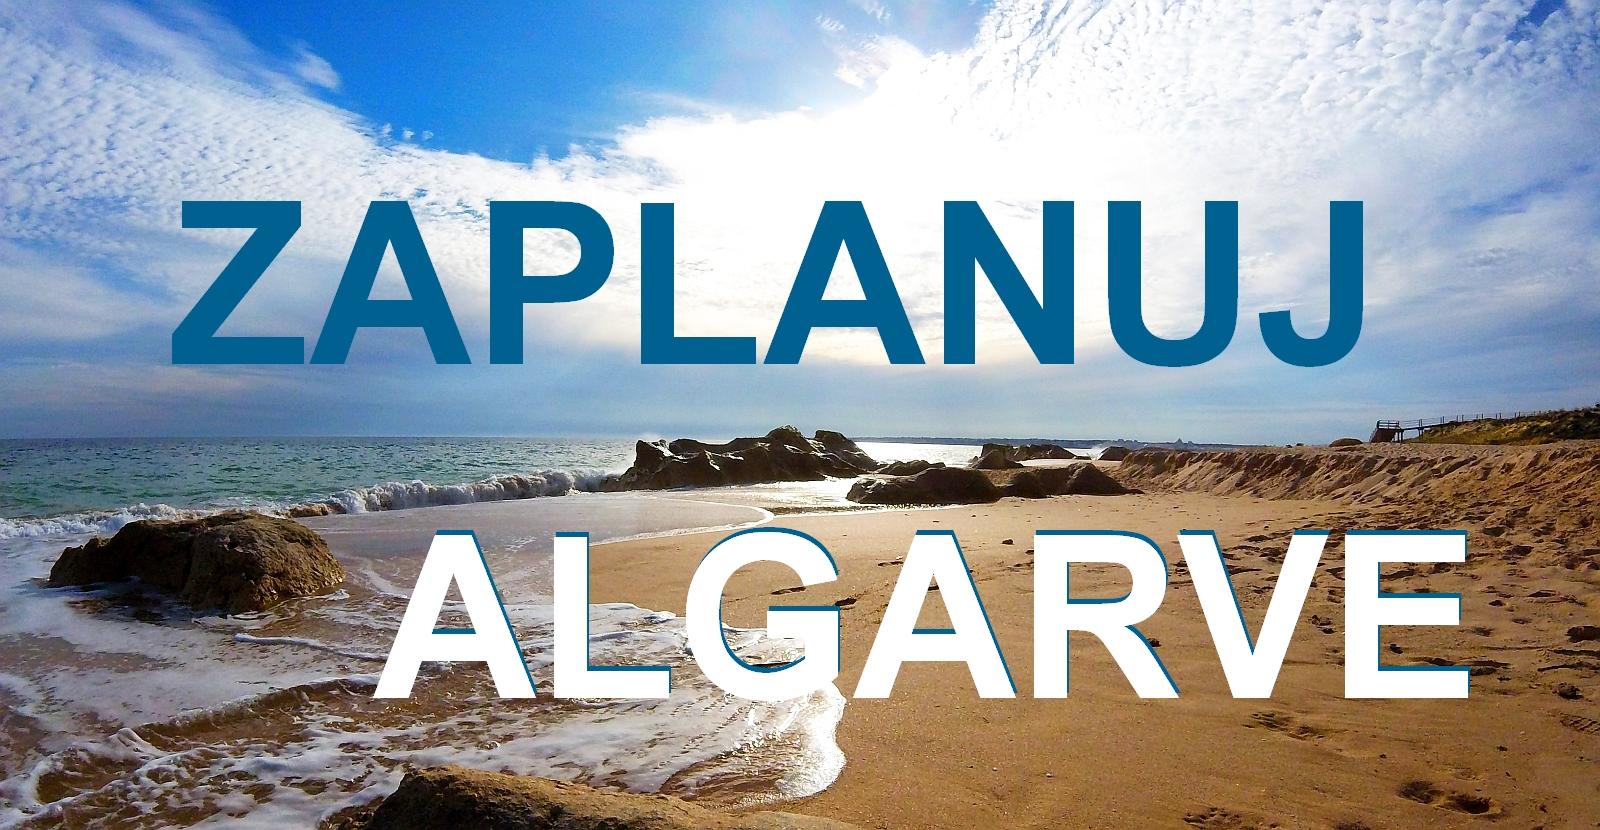 Gdzie zatrzymać się w Algarve?